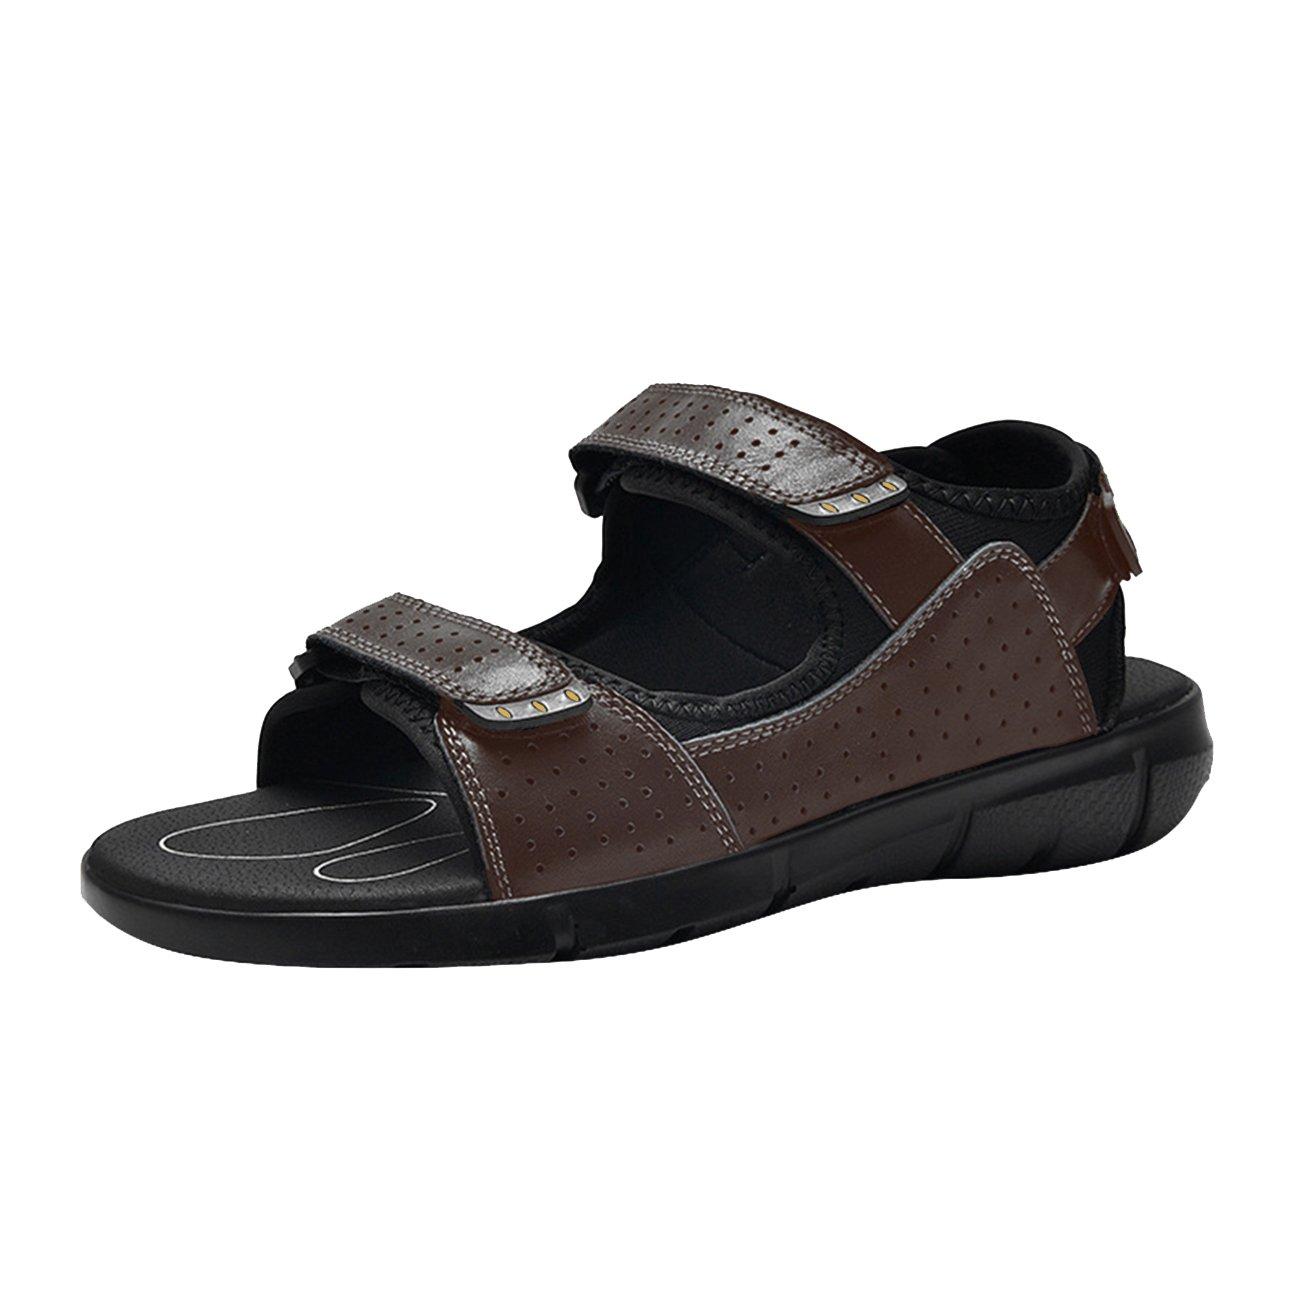 SK Studio Sandalias para Hombres Zapatos Casuales de Cuero 47 EU|Marrón